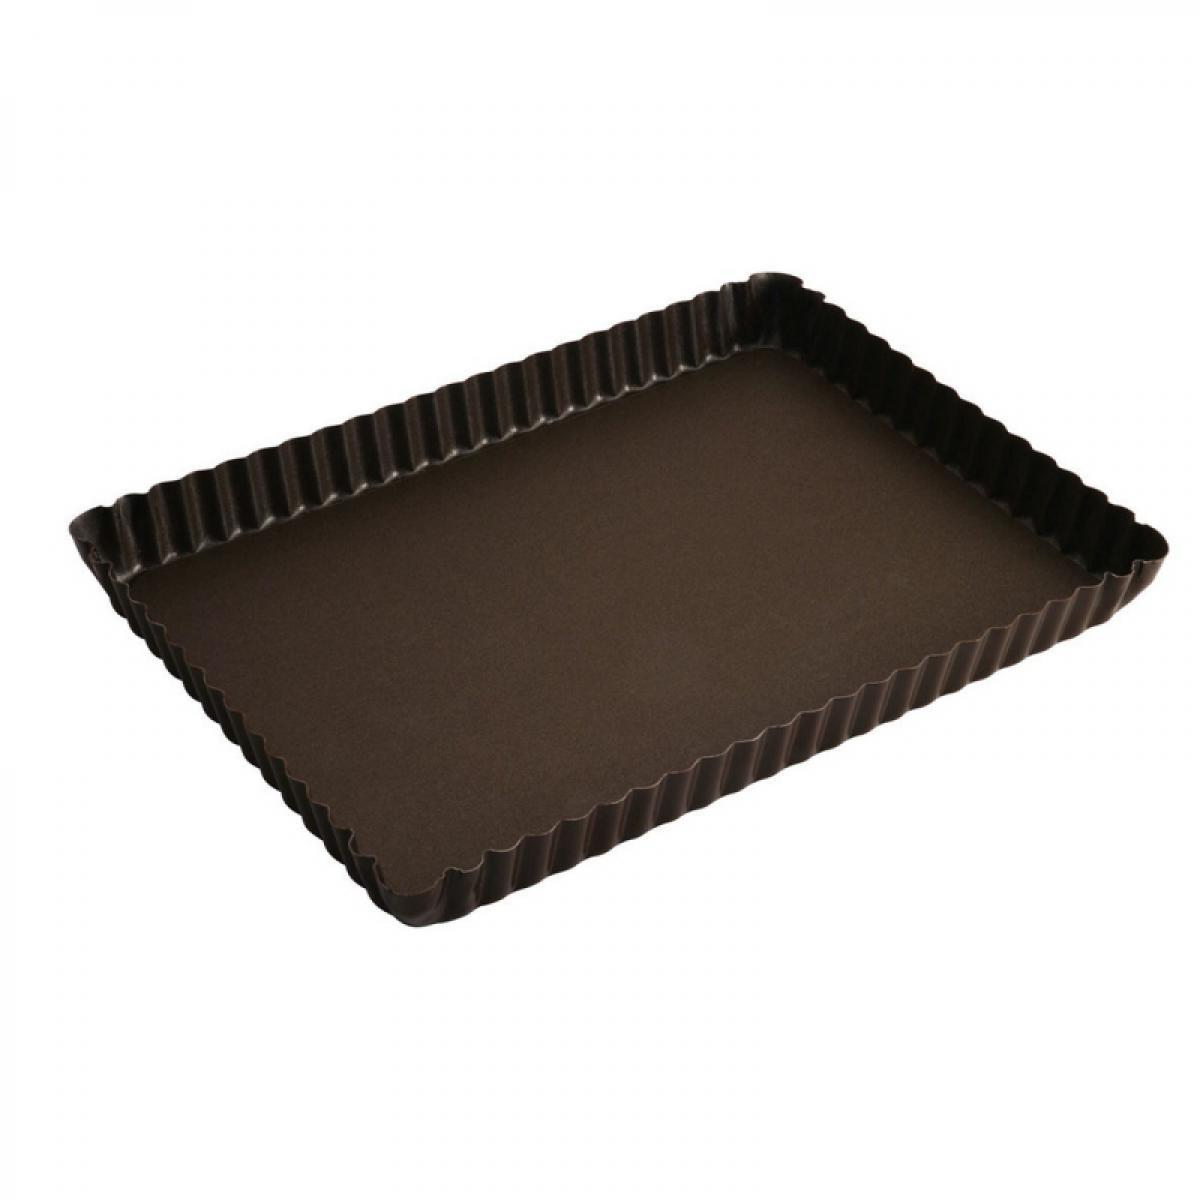 Gobel Moule à tarte rectangulaire 29 cm - Gobel - Moule patisserie antiadhérent